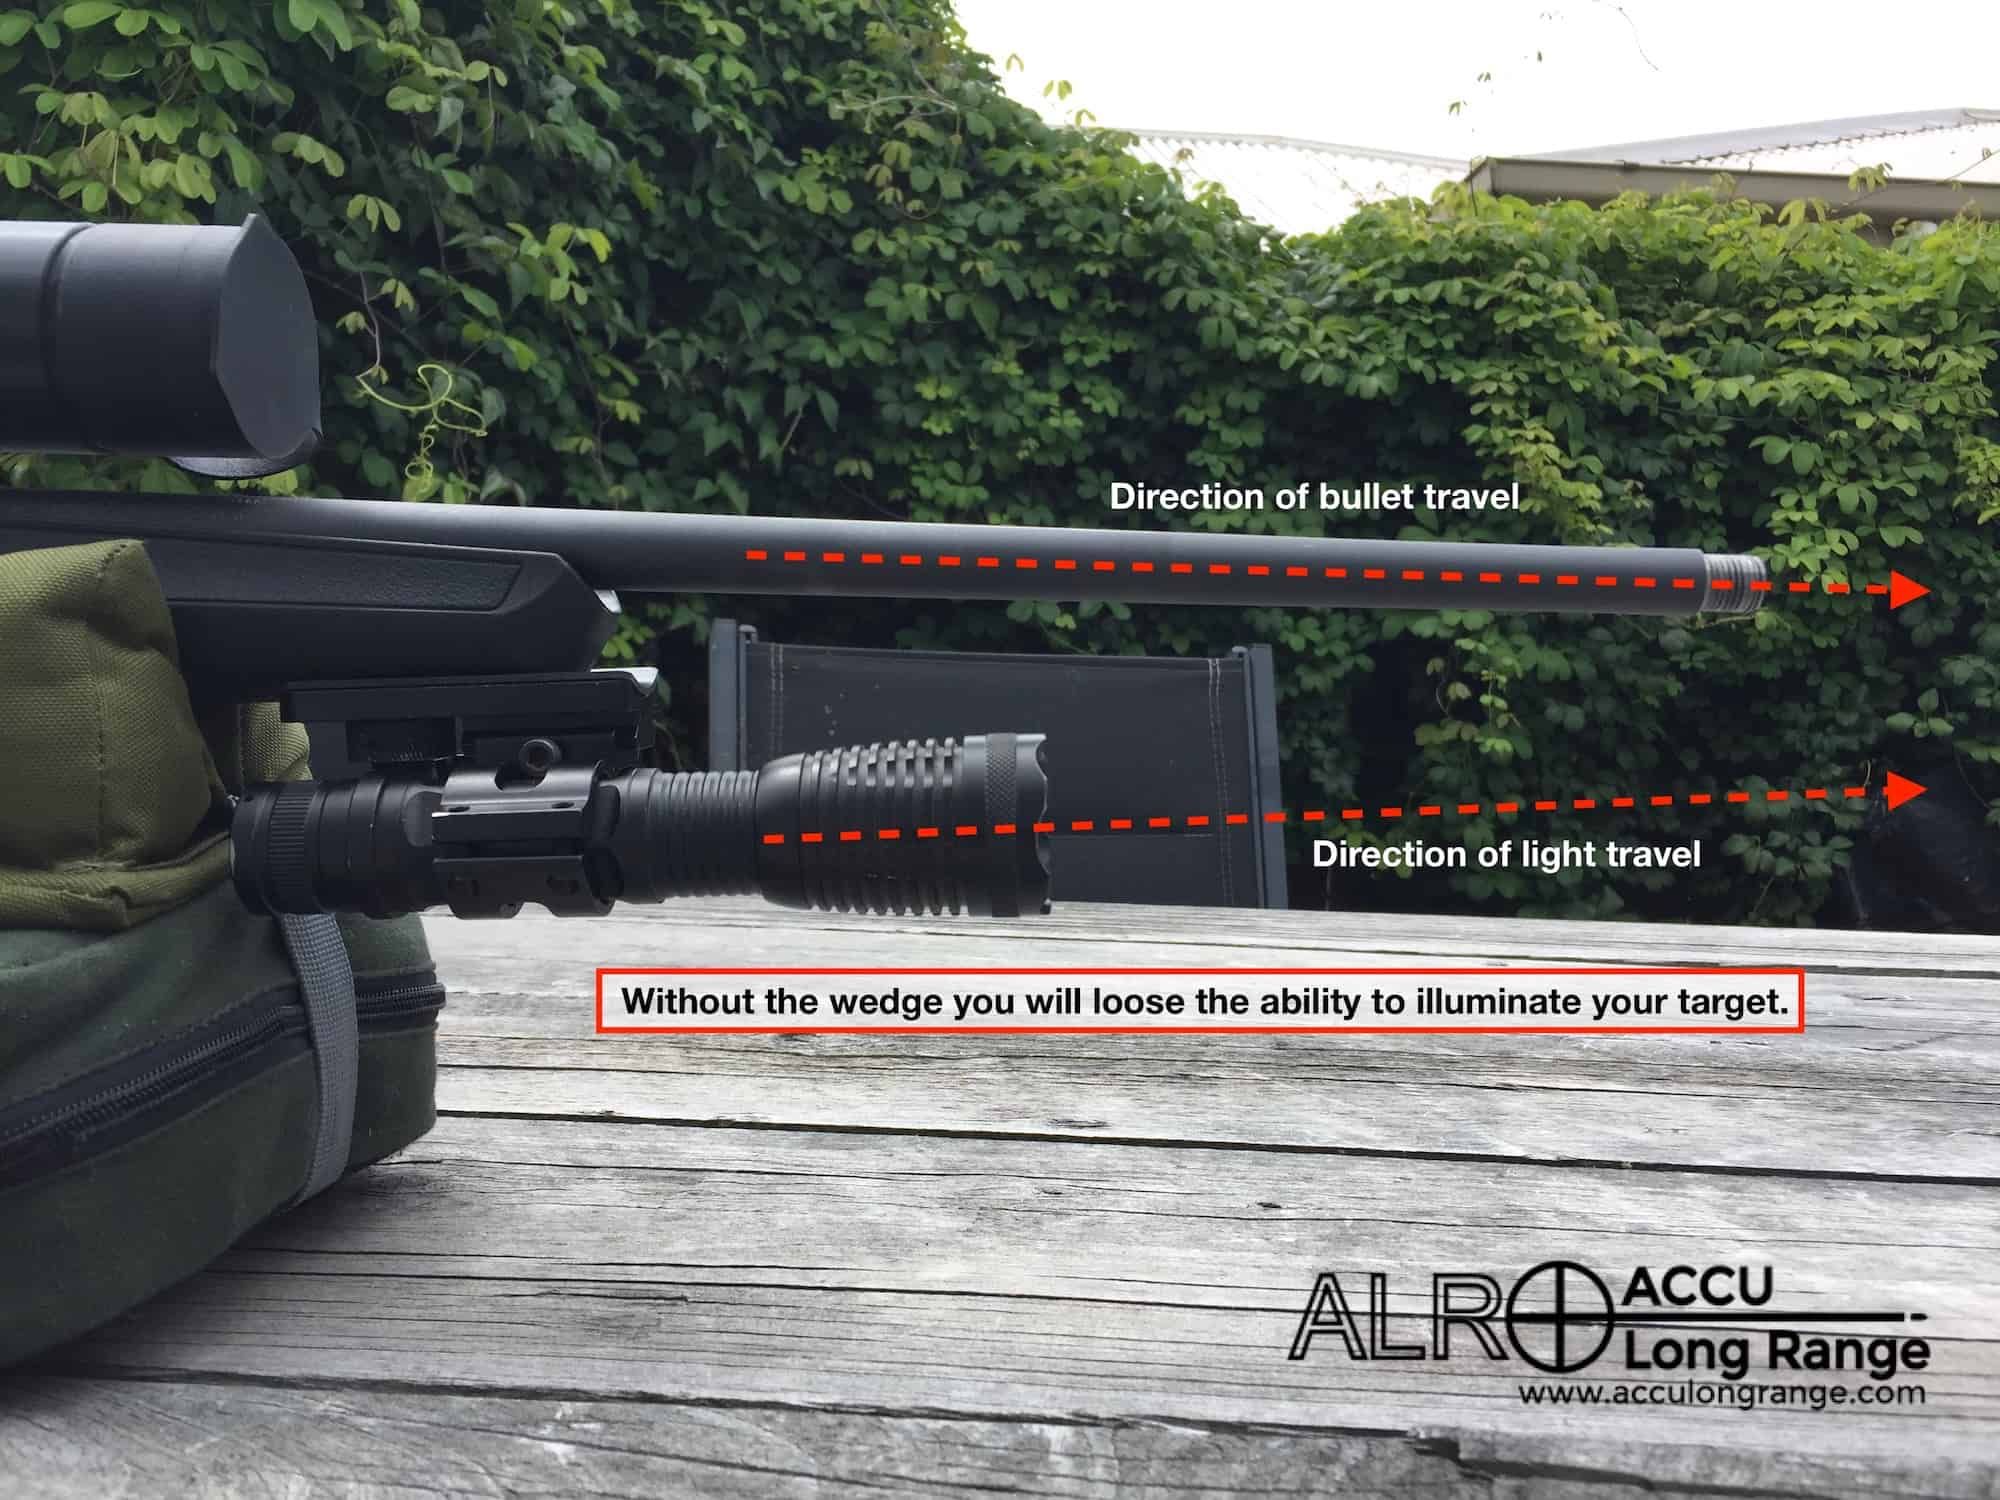 ACCU Long Range Picatinny Rail Adapter ACCU Wedge